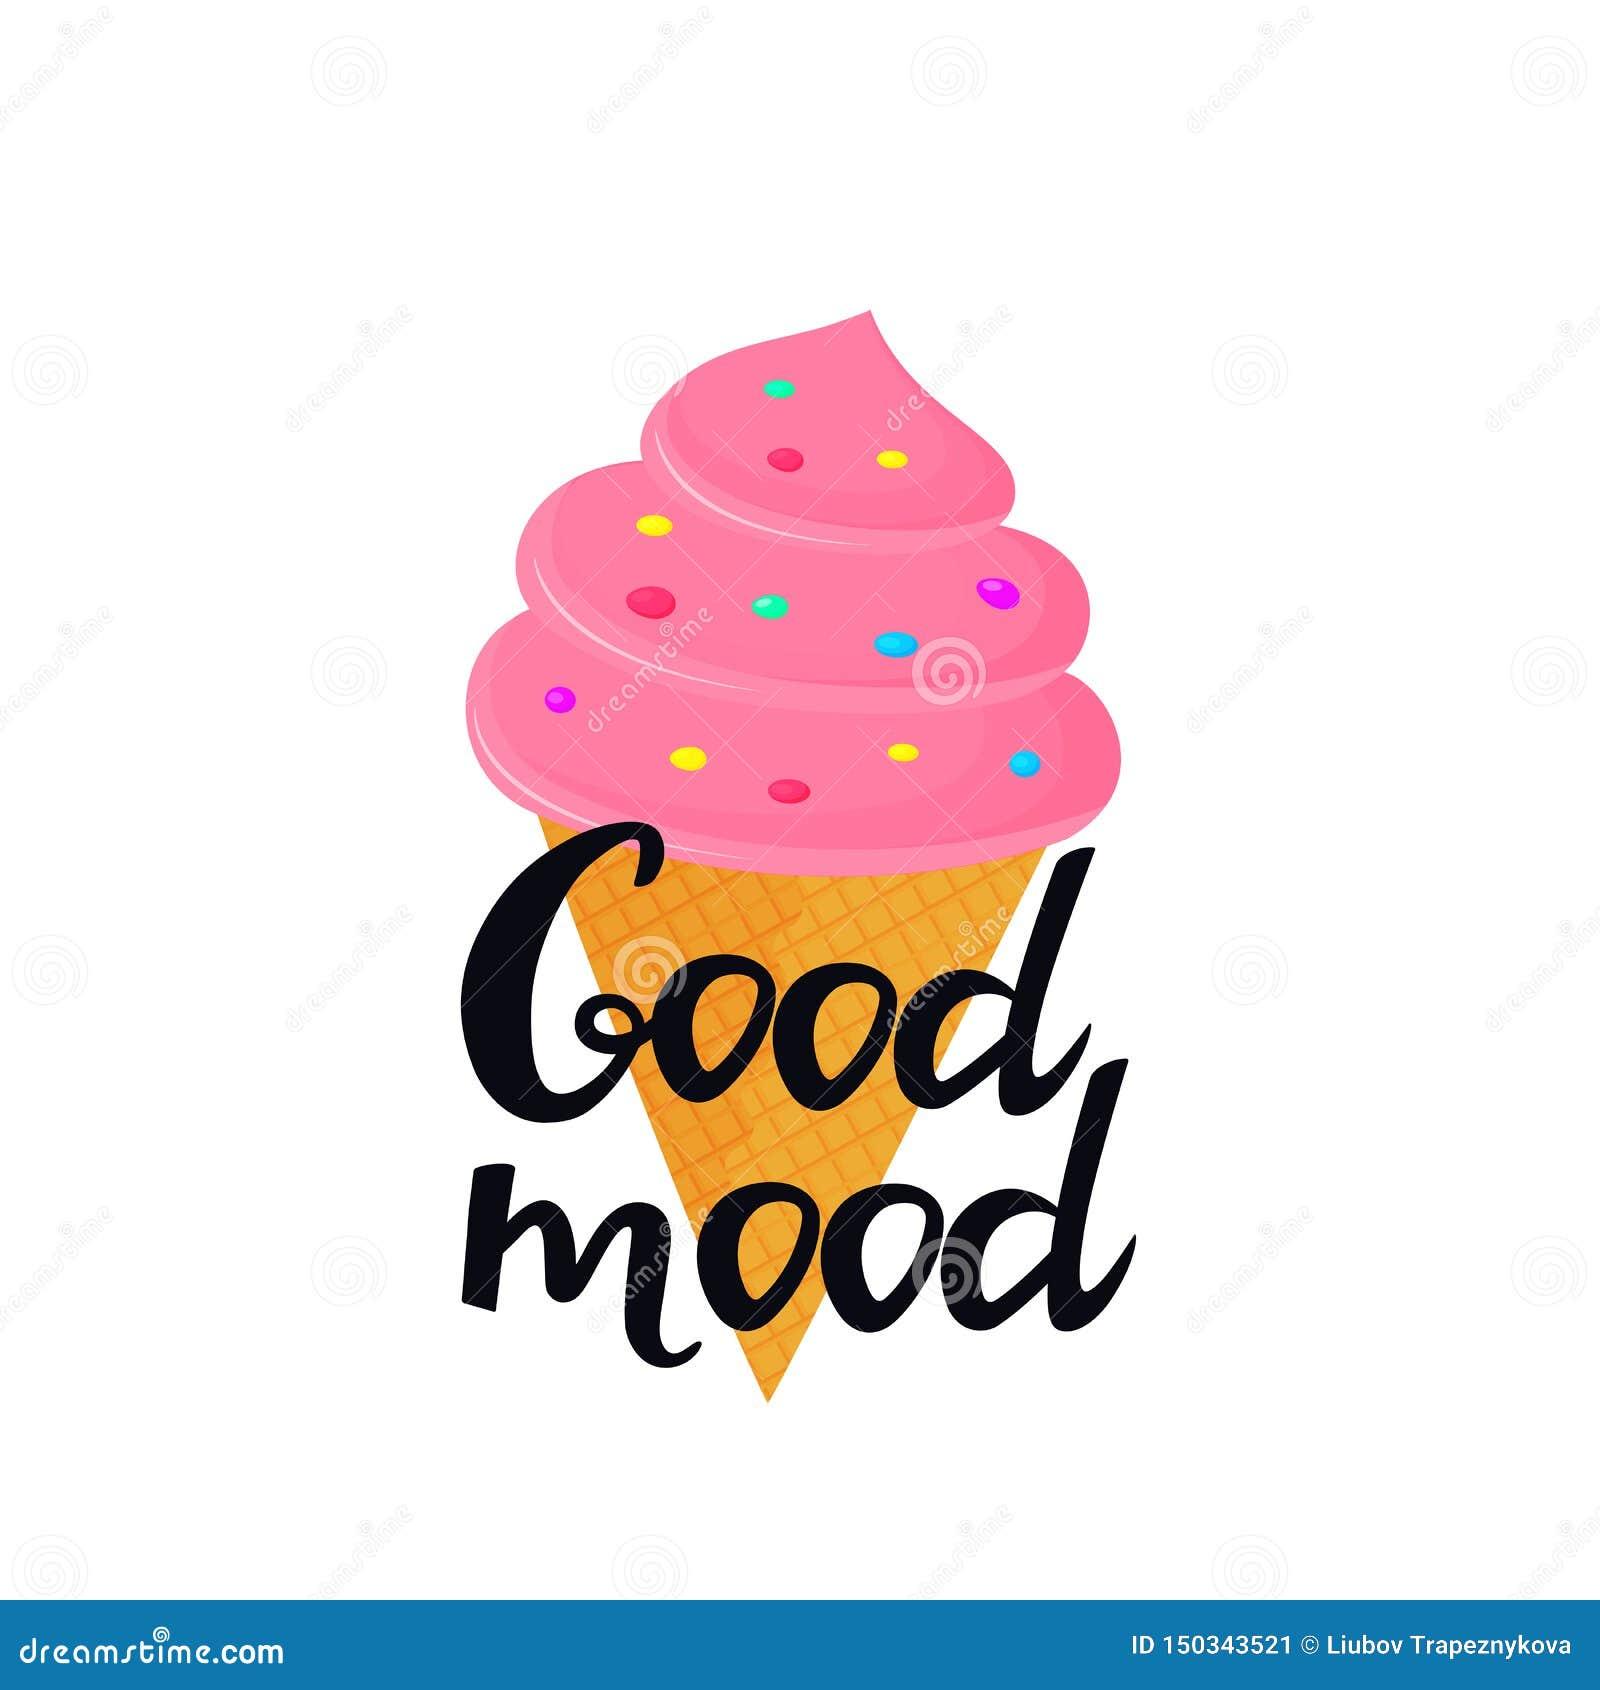 Letras exhaustas de la buena mano del humor con helado en un cono de la galleta Puede ser utilizado como diseño de la camiseta